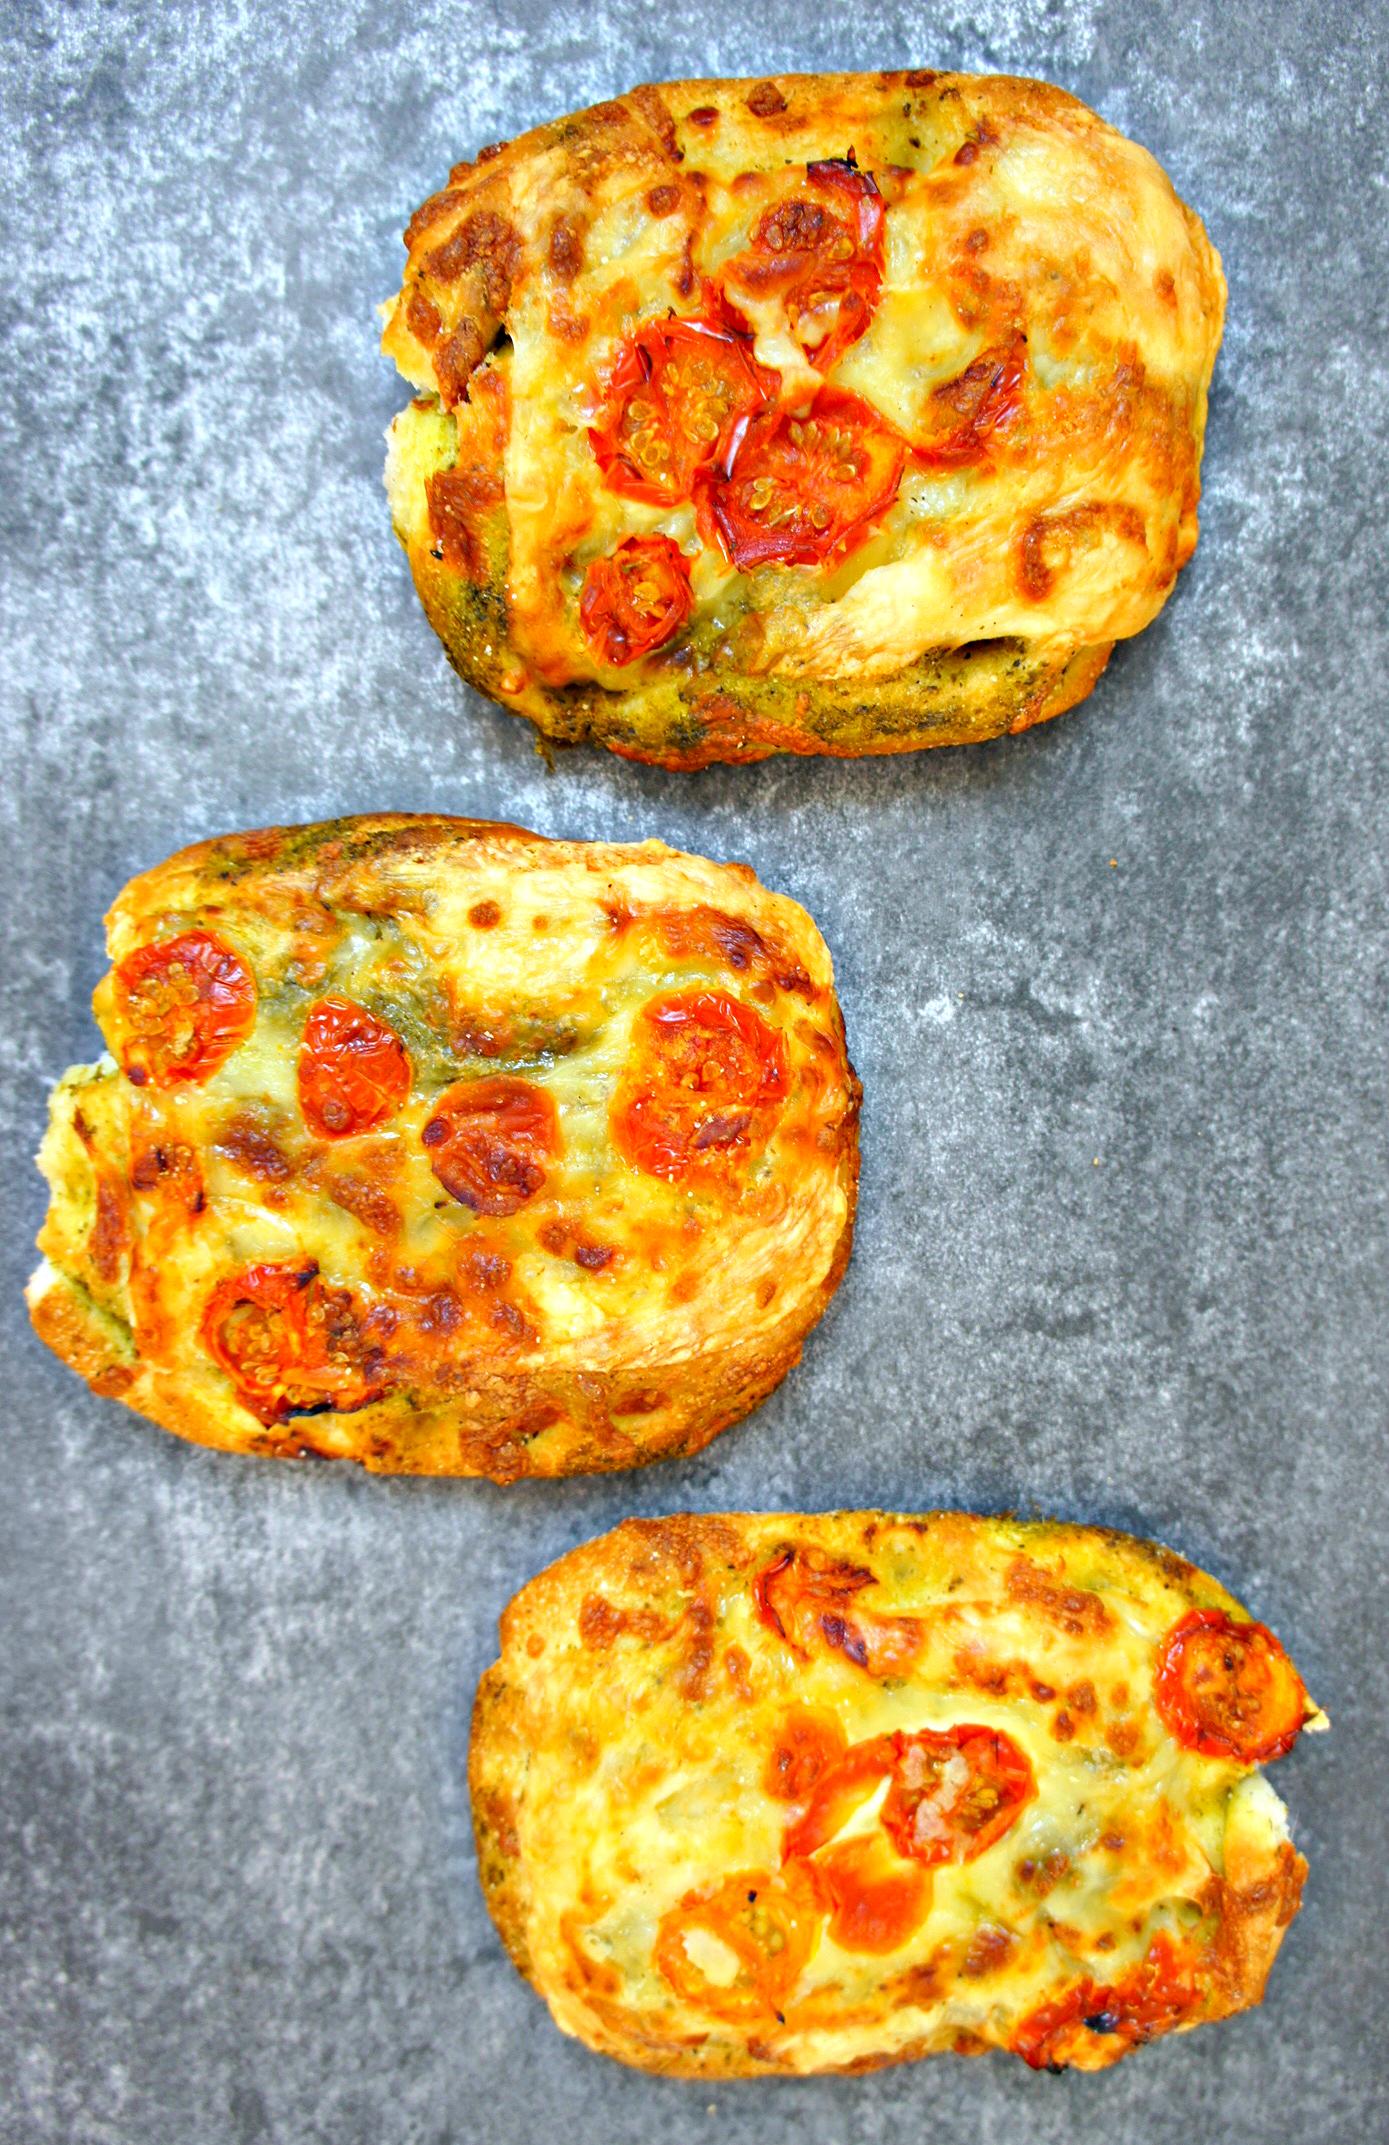 Glutenfrie pesto-foccaciabrød www.cathrineyoga.dk